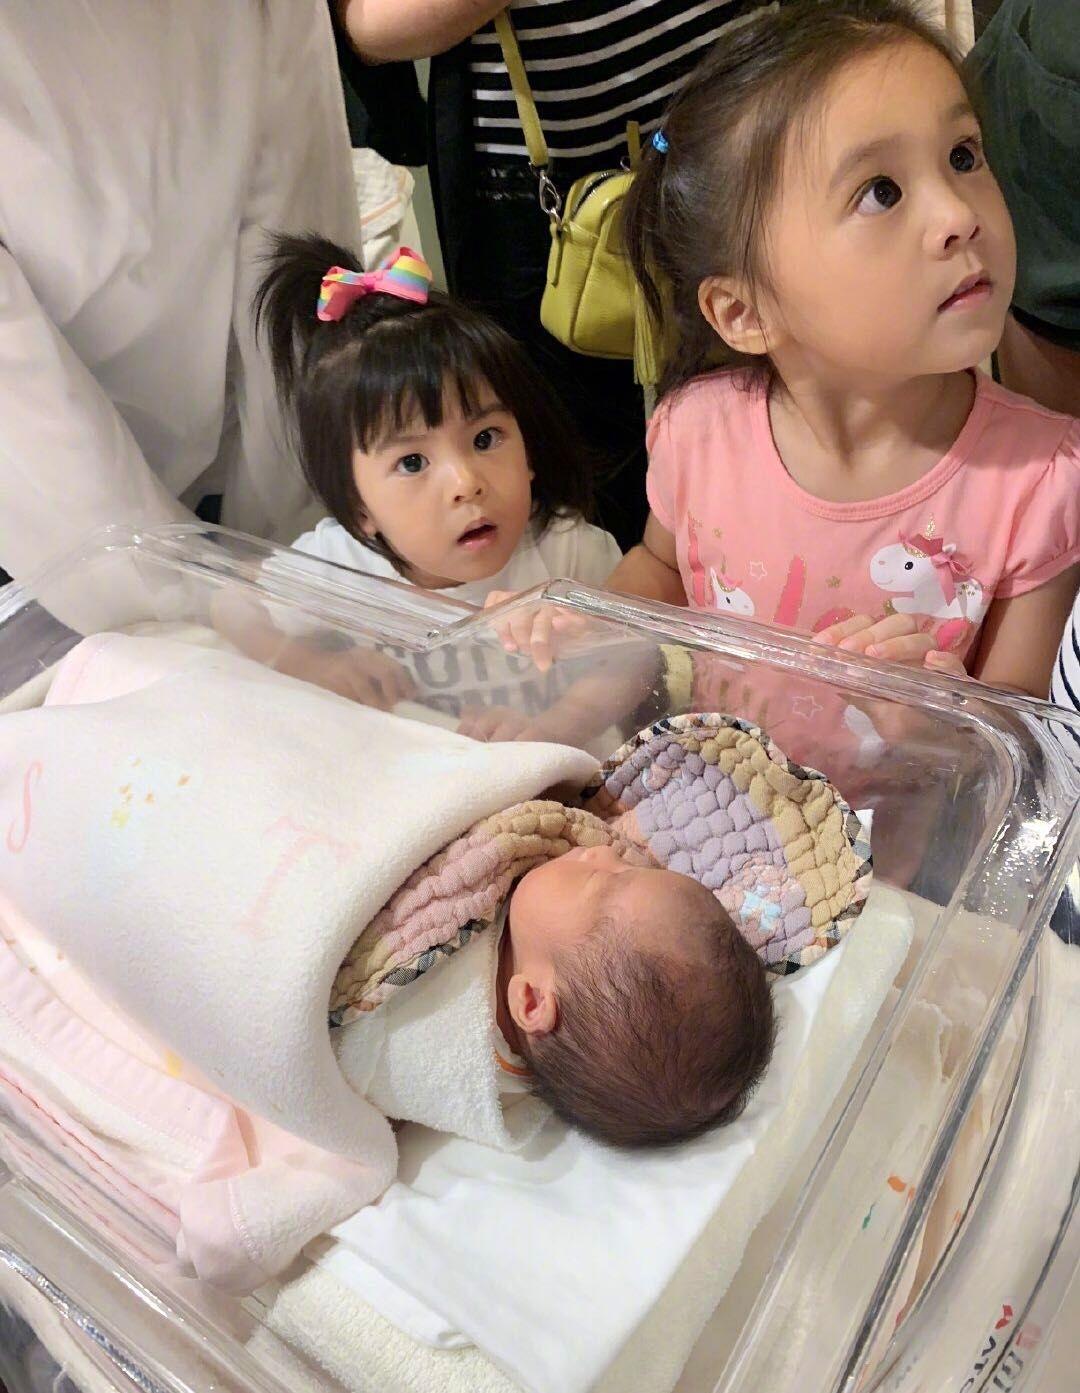 贾静雯怀抱婴儿出镜,咘咘波妞以为妈妈生了弟弟,姐妹俩高兴极了